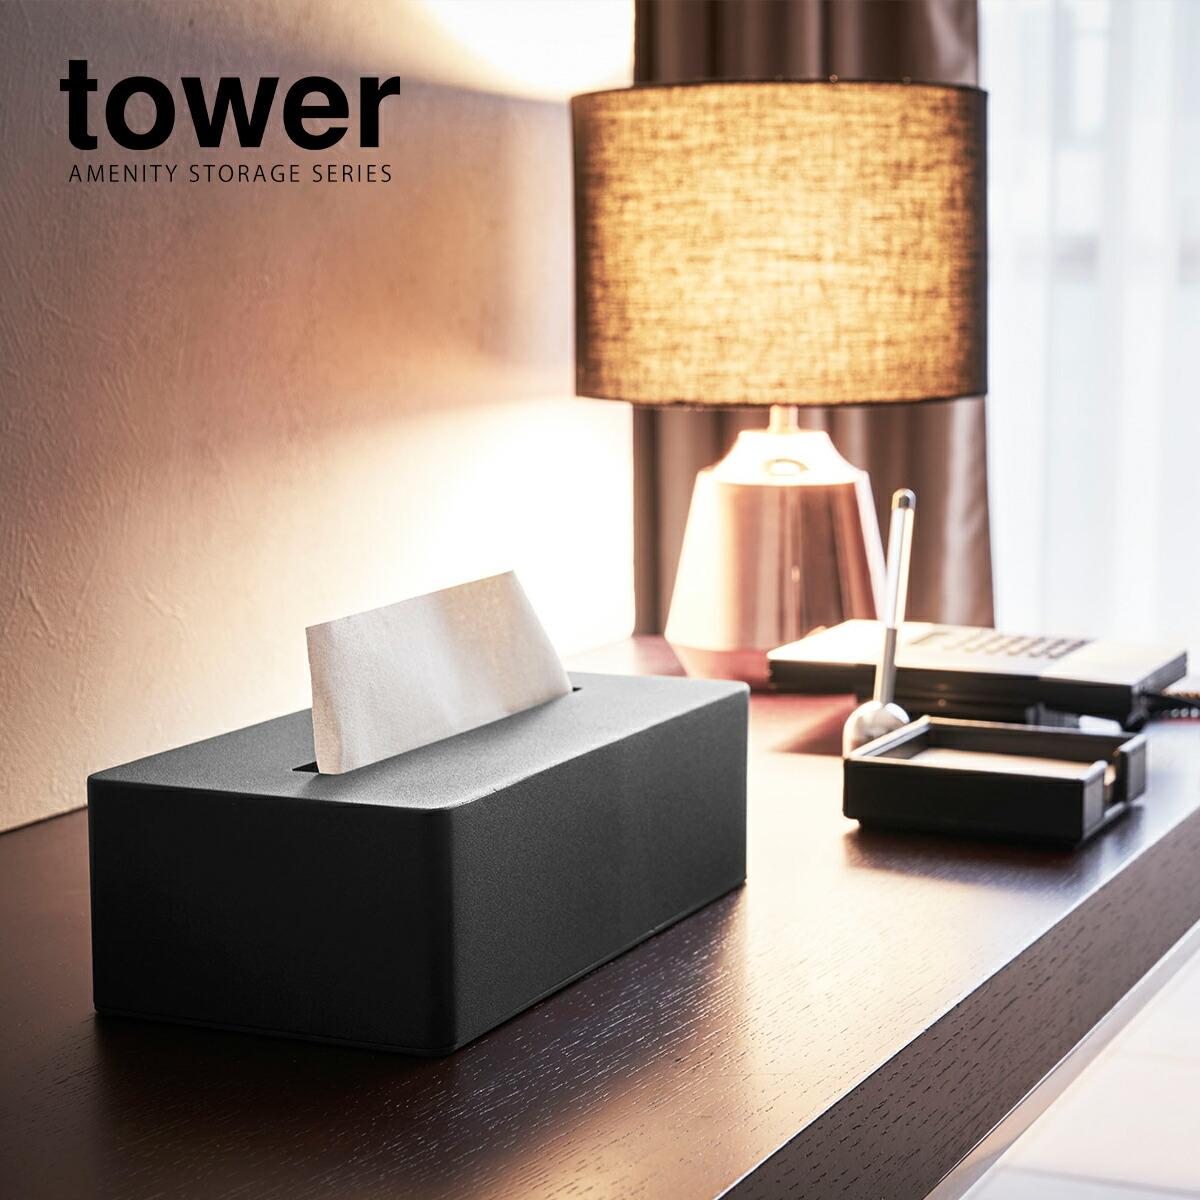 tower / タワー ティッシュボックス ホテル ティッシュケース ティッシュ リビング インテリア ホテルライク ブラック ホワイト モノクロ シンプル ナチュラル